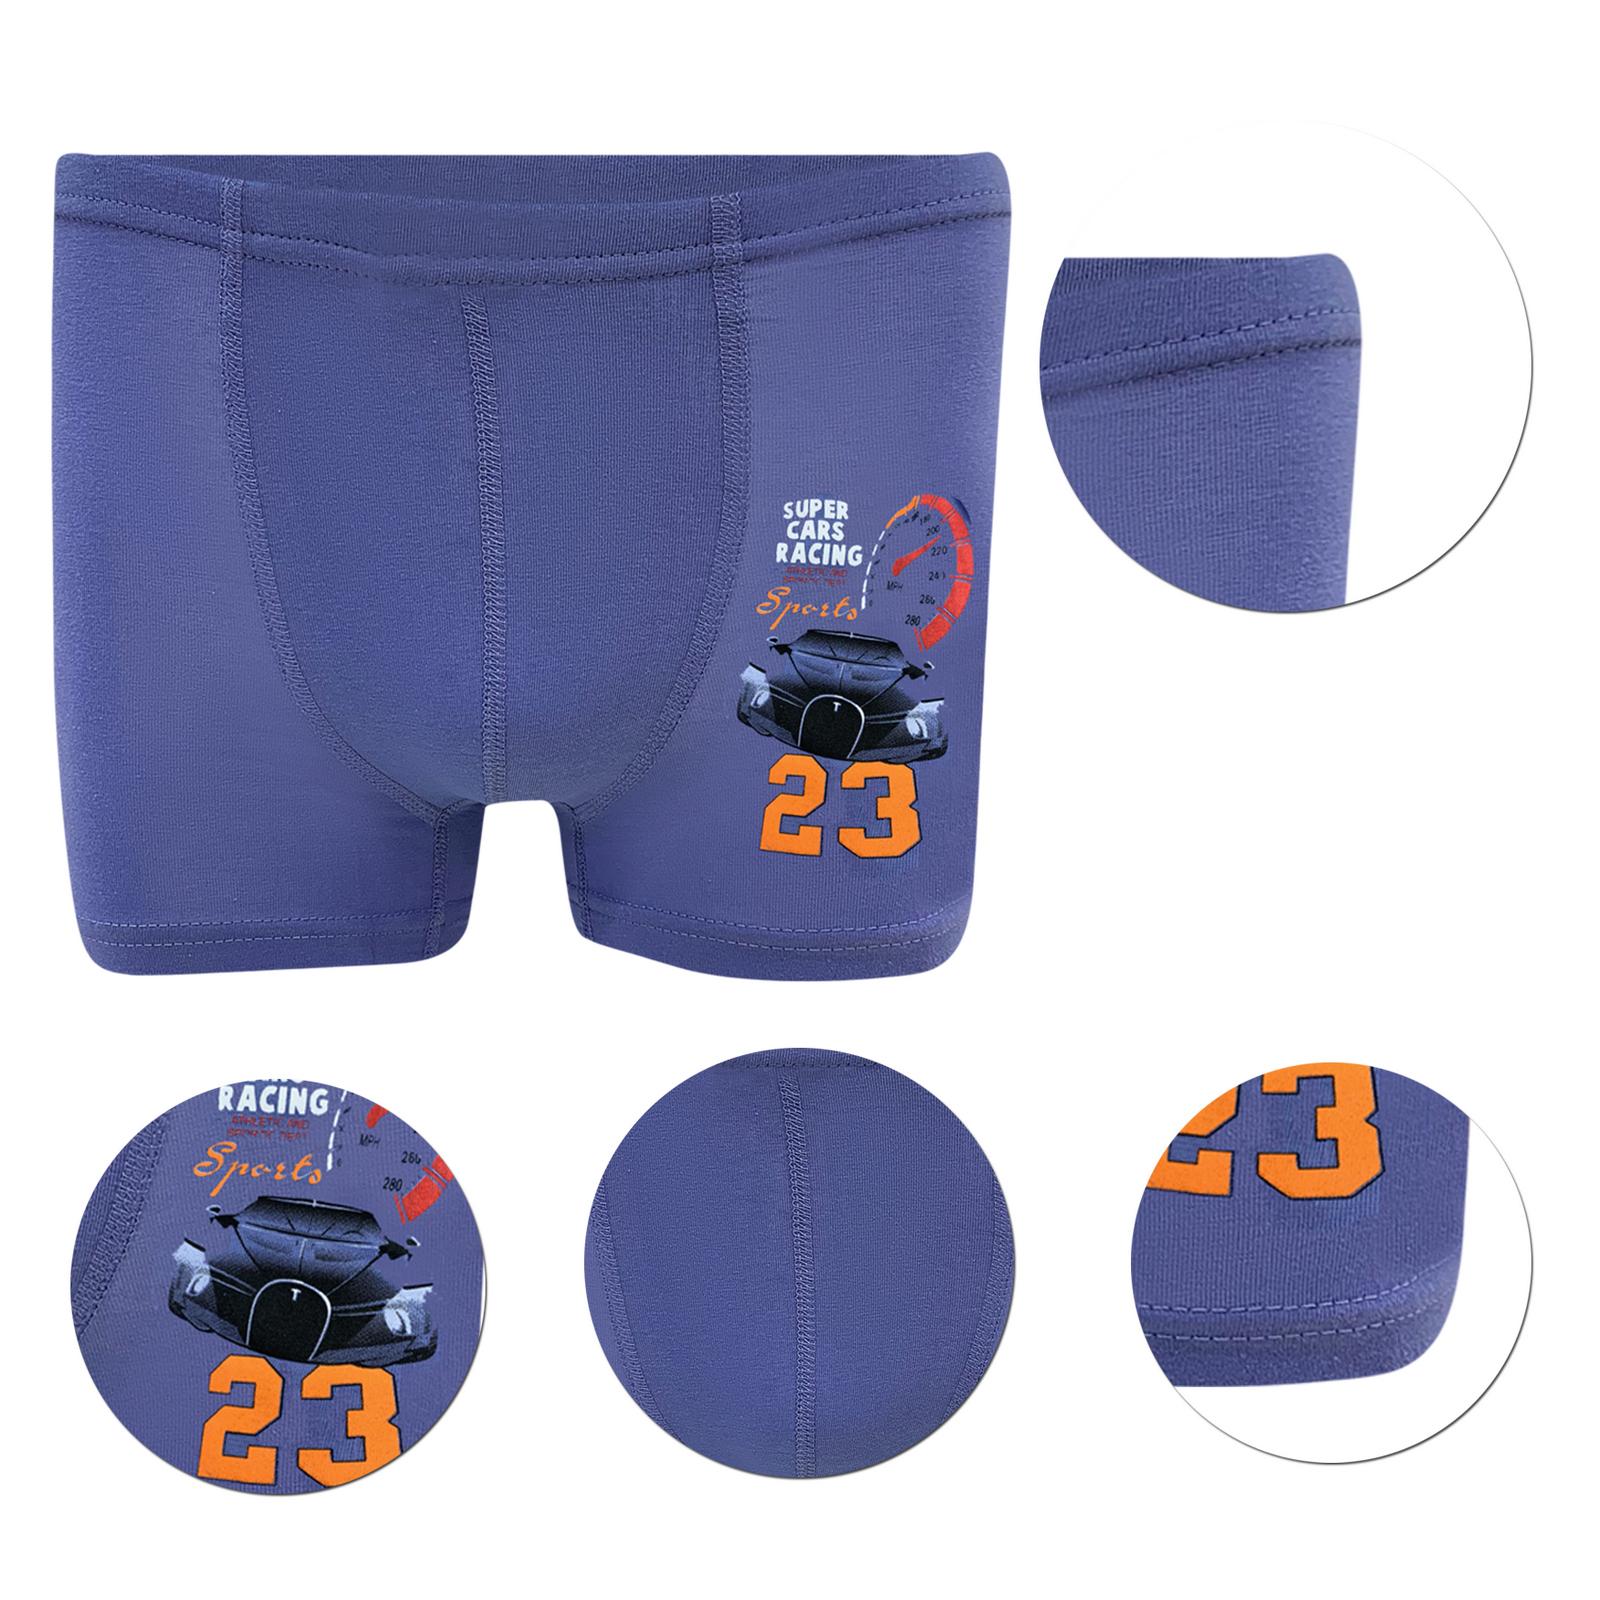 10-Jungen-Boxershorts-Baumwolle-Unterhose-Unterwaesche-Unterhosen-Slips-Slip Indexbild 8